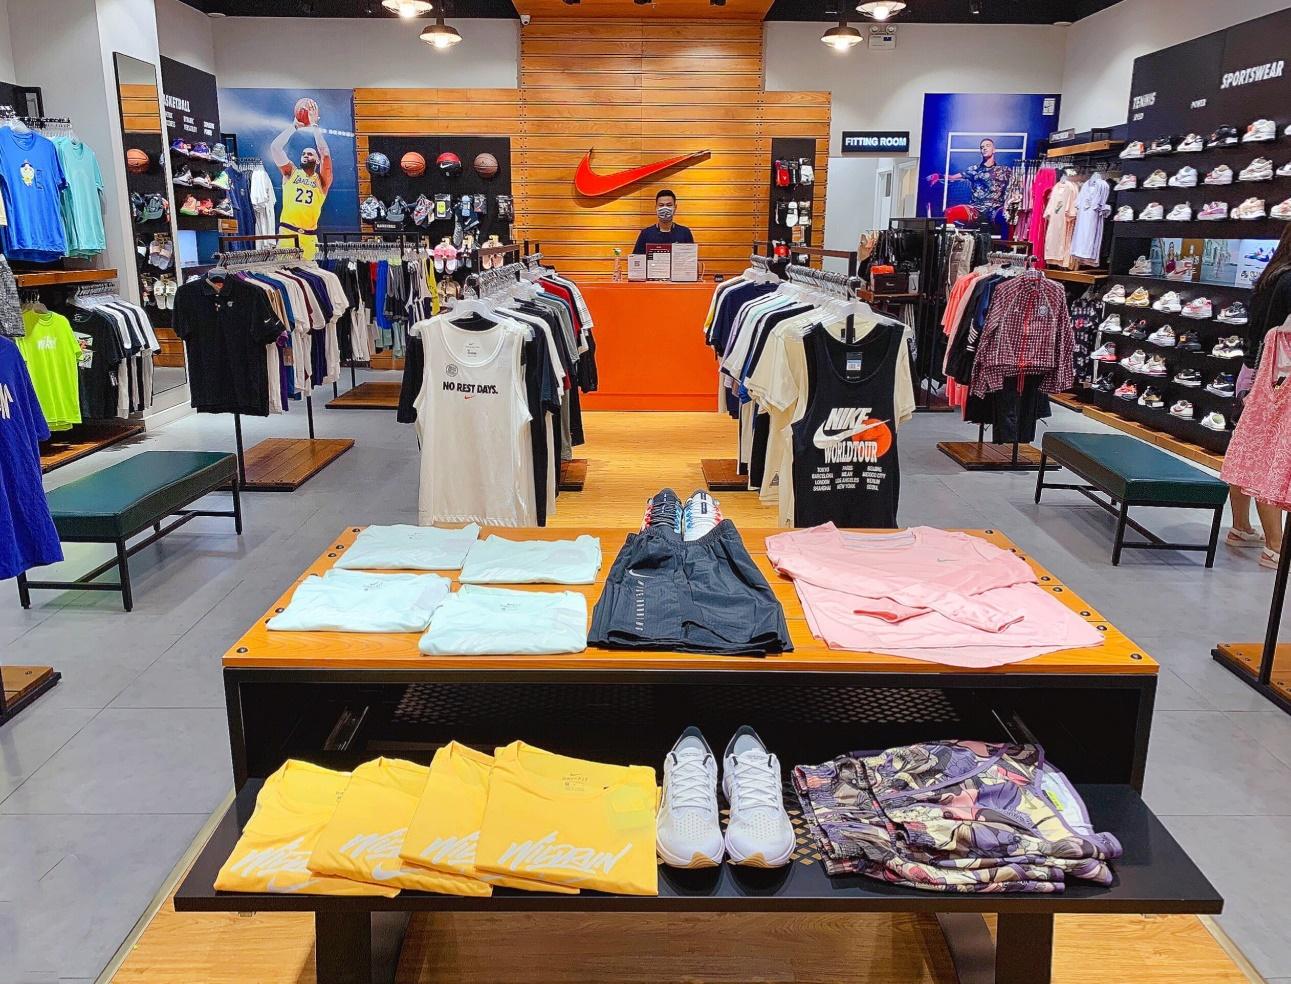 Bộ sưu tập mới nhất của Nike đang giảm đến 50% trên toàn hệ thống.